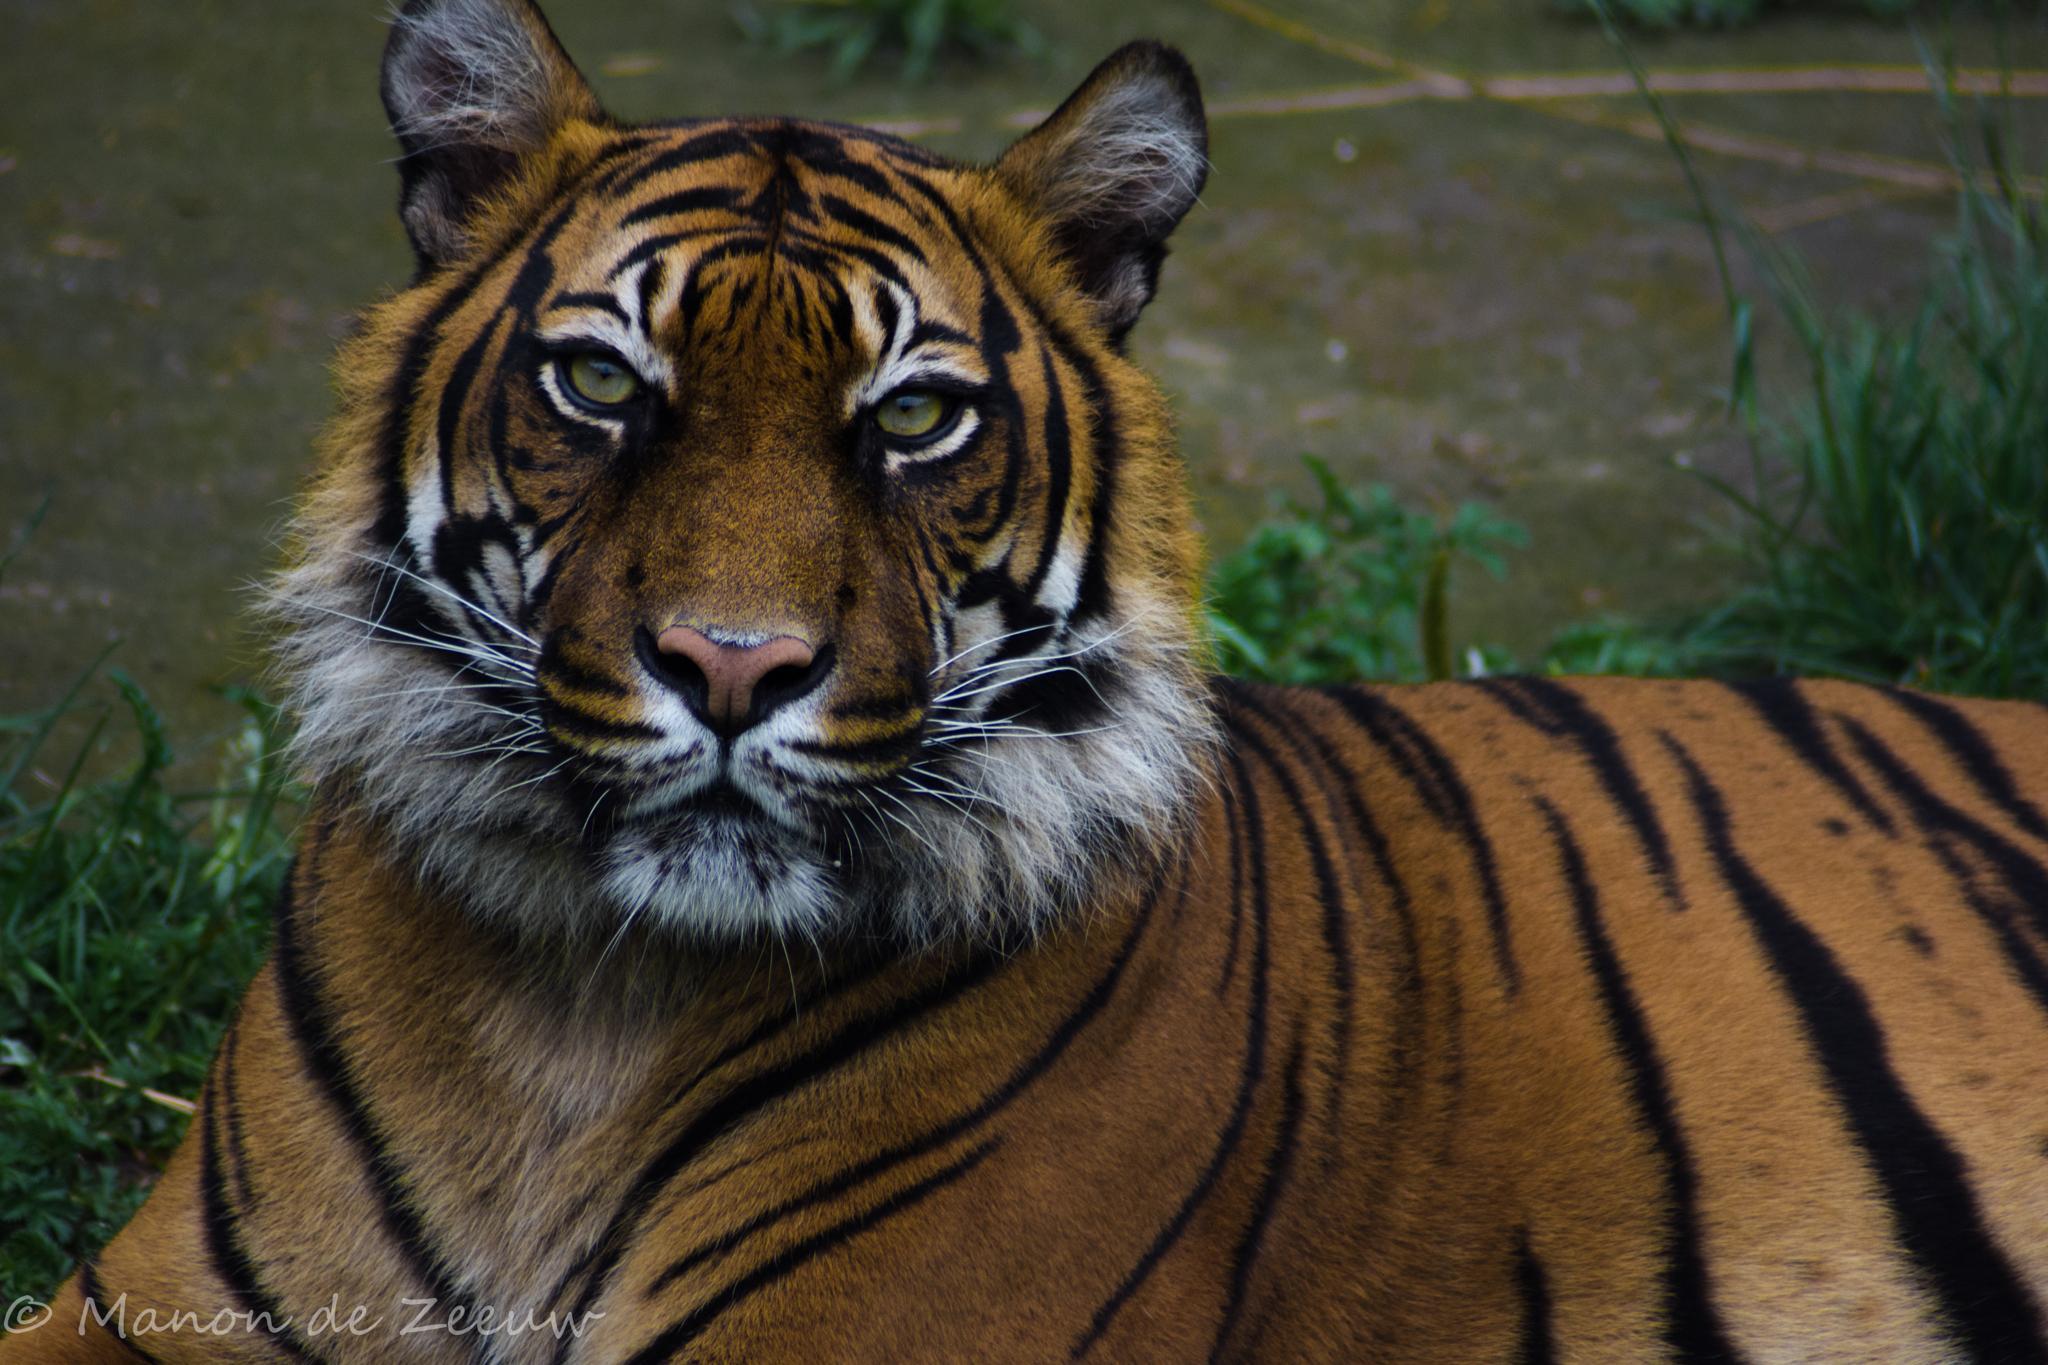 Tiger by Manon de Zeeuw